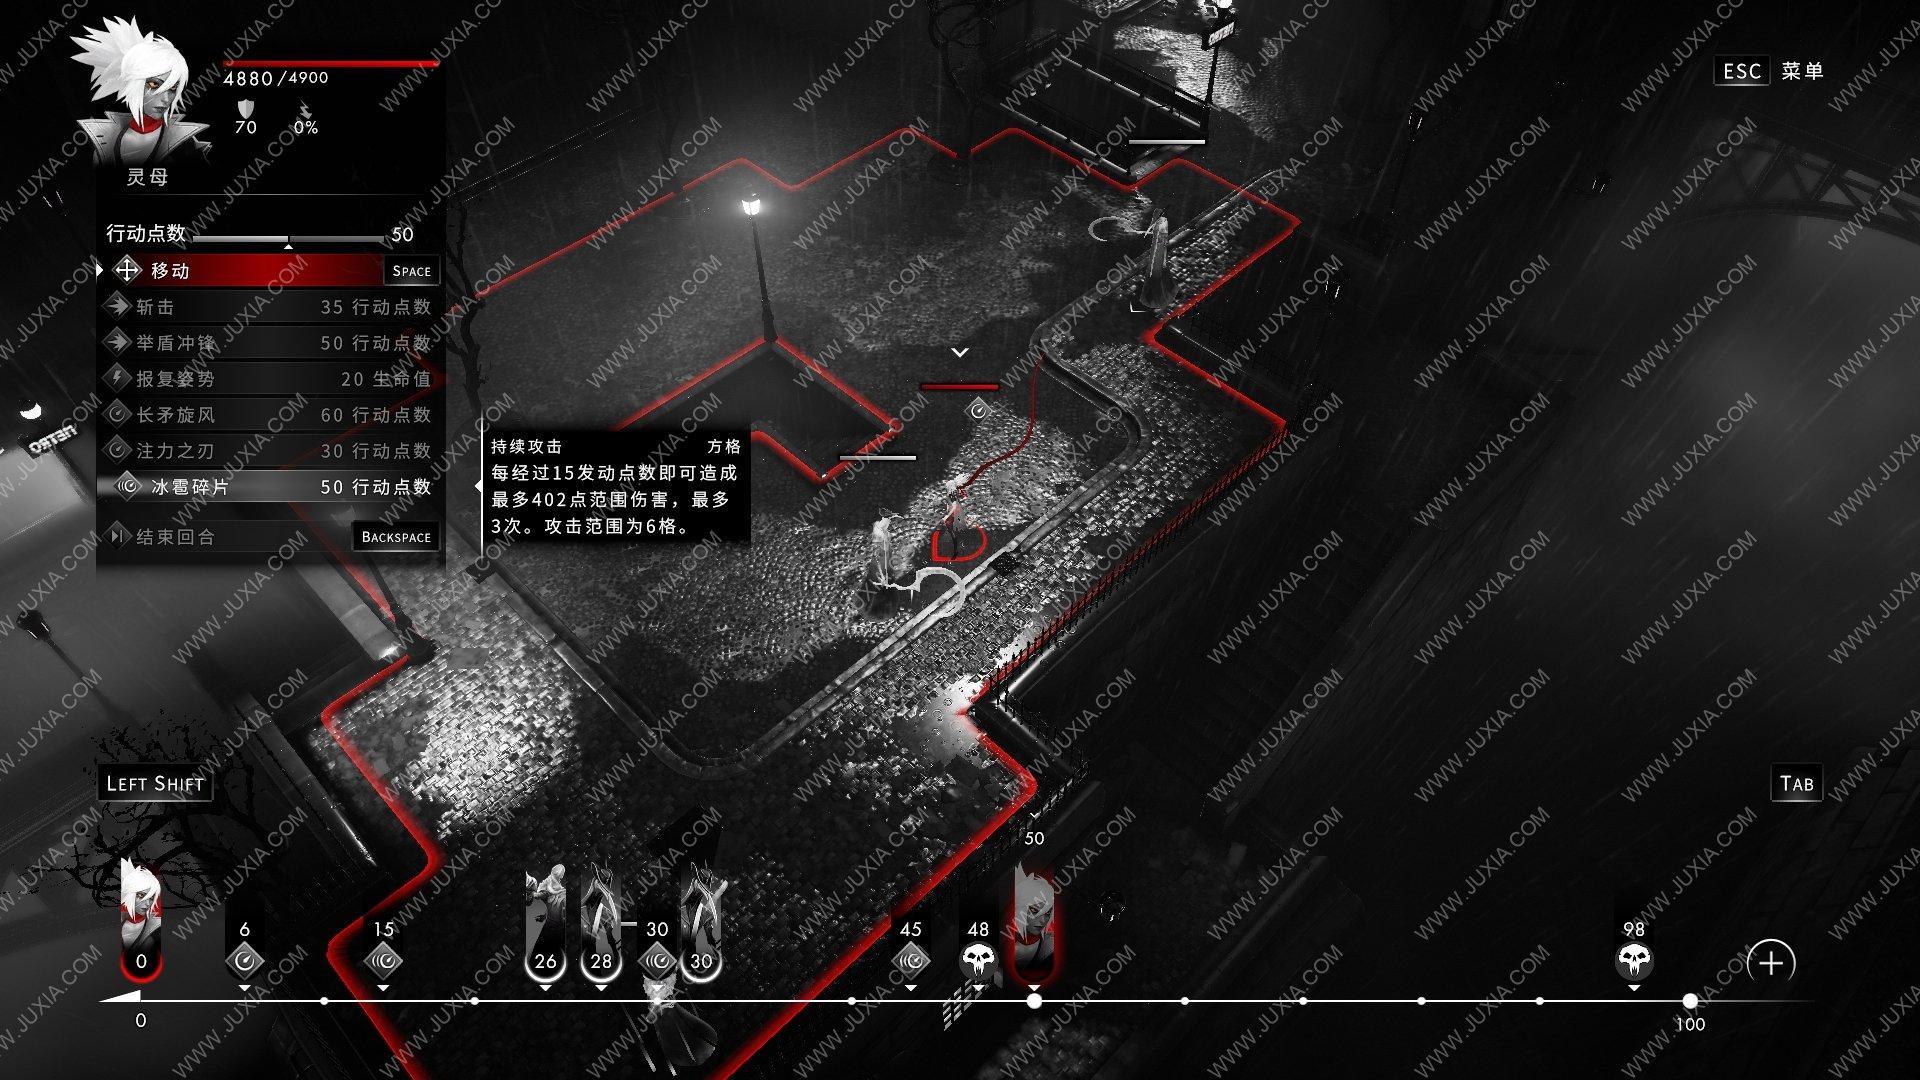 彼岸花Othercide评测浅谈:硬核SLG战术棋盘下的黑暗美学